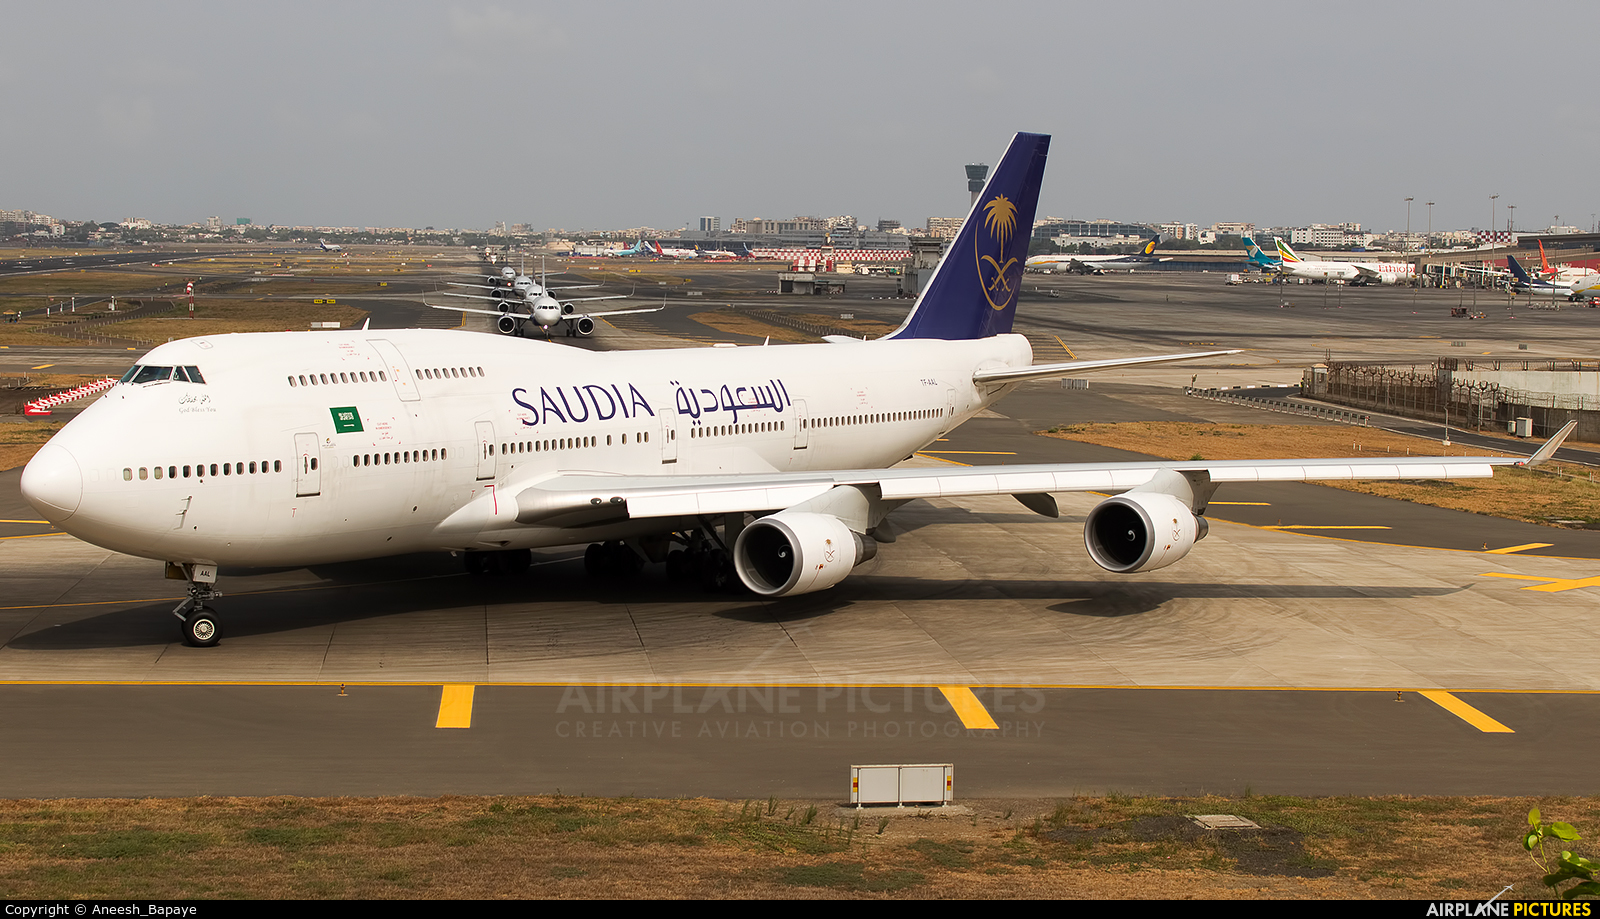 Saudi Arabian Airlines TF-AAL aircraft at Mumbai - Chhatrapati Shivaji Intl